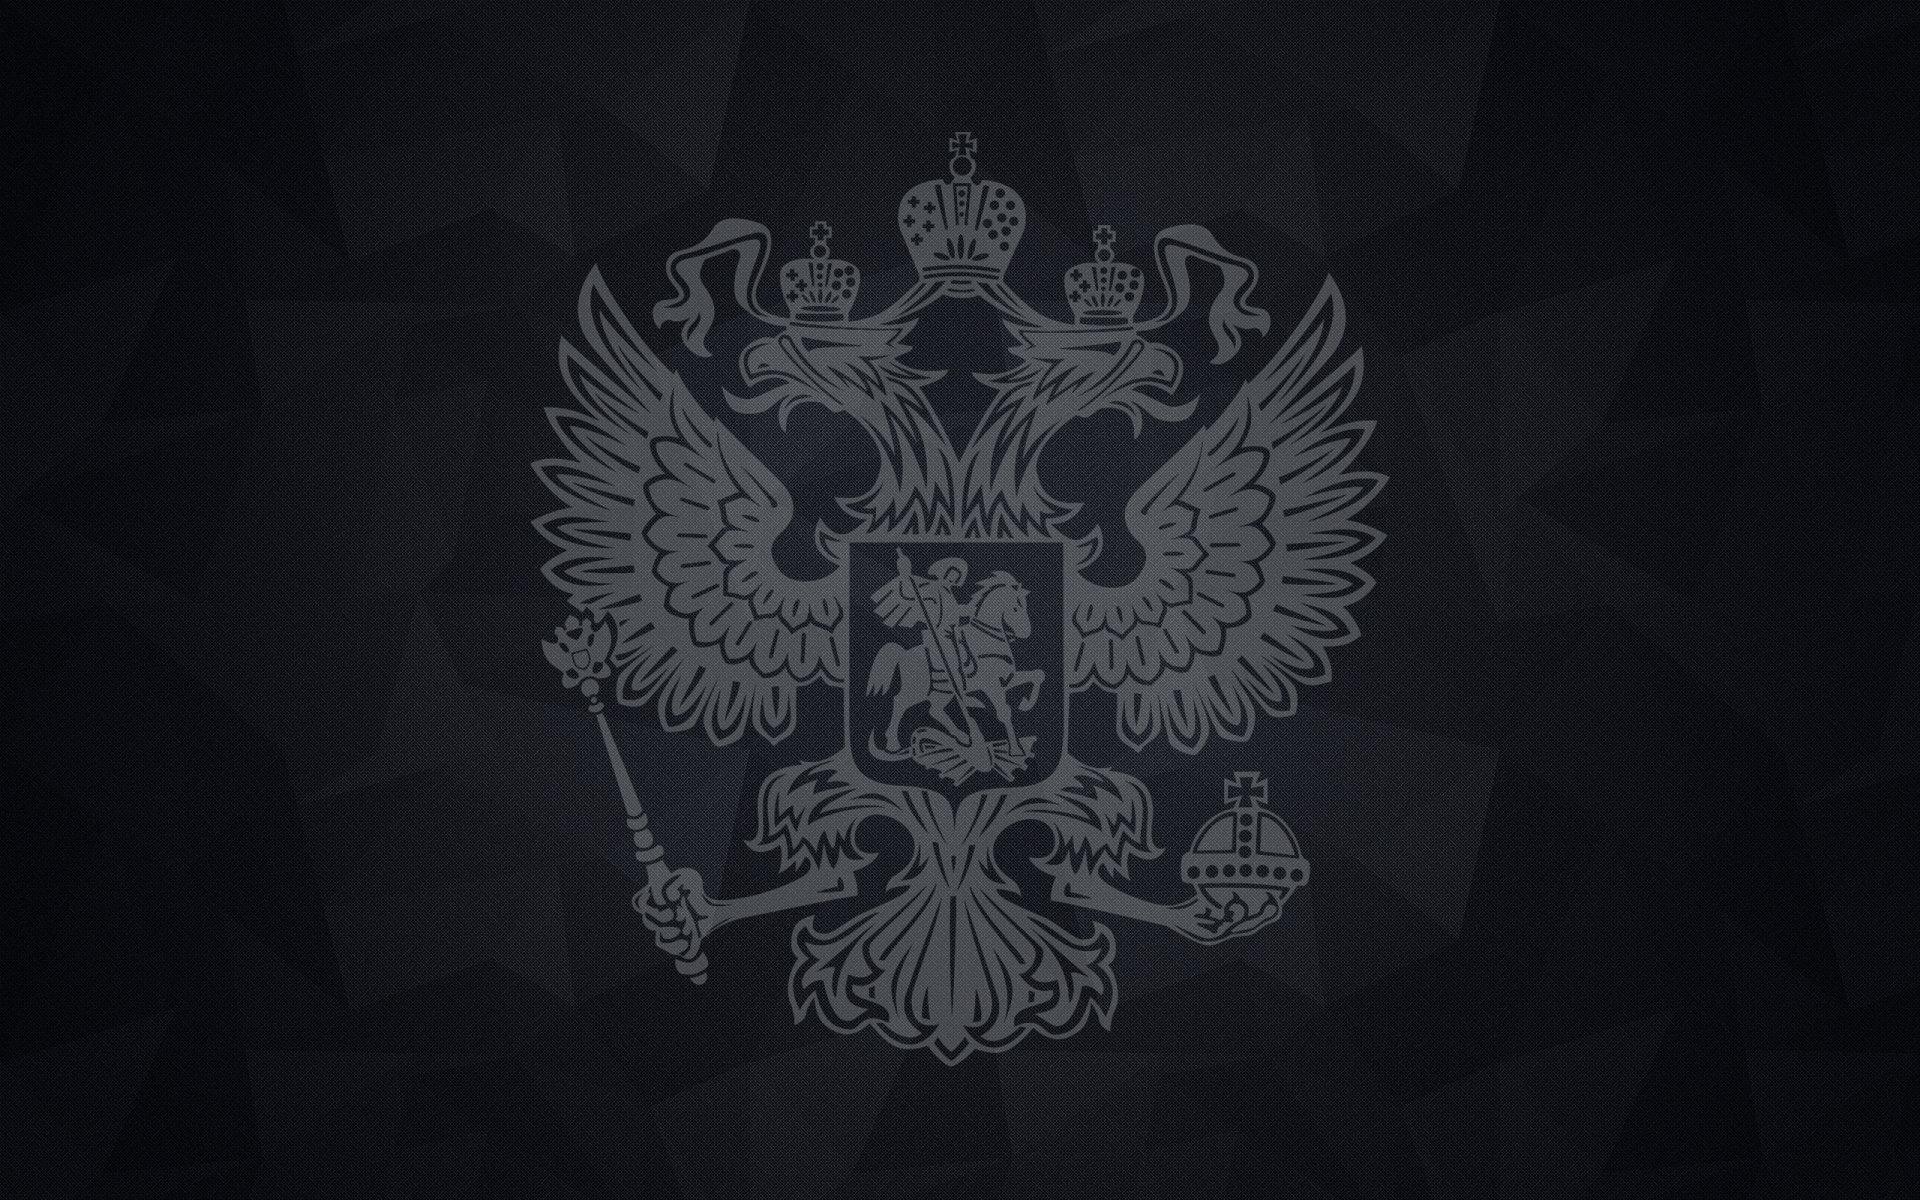 подобрали для герб россии картинку загрузить обои сможете заказать печать